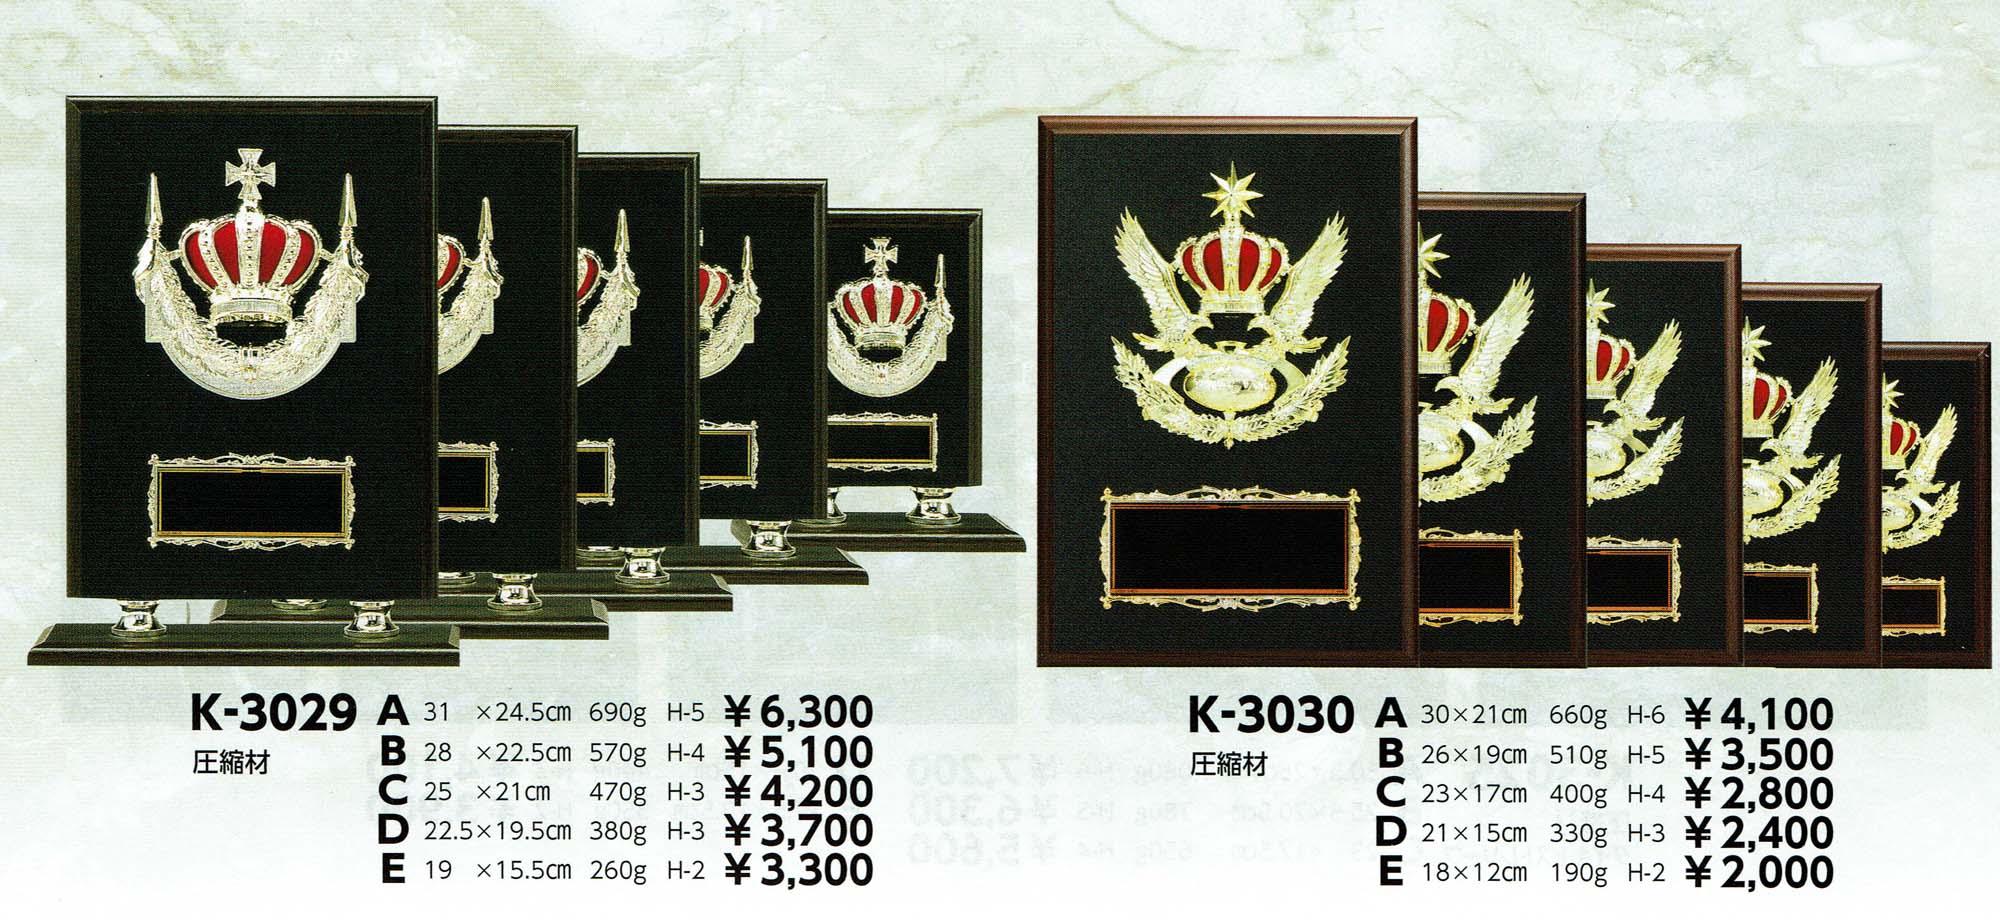 K3029、K3030